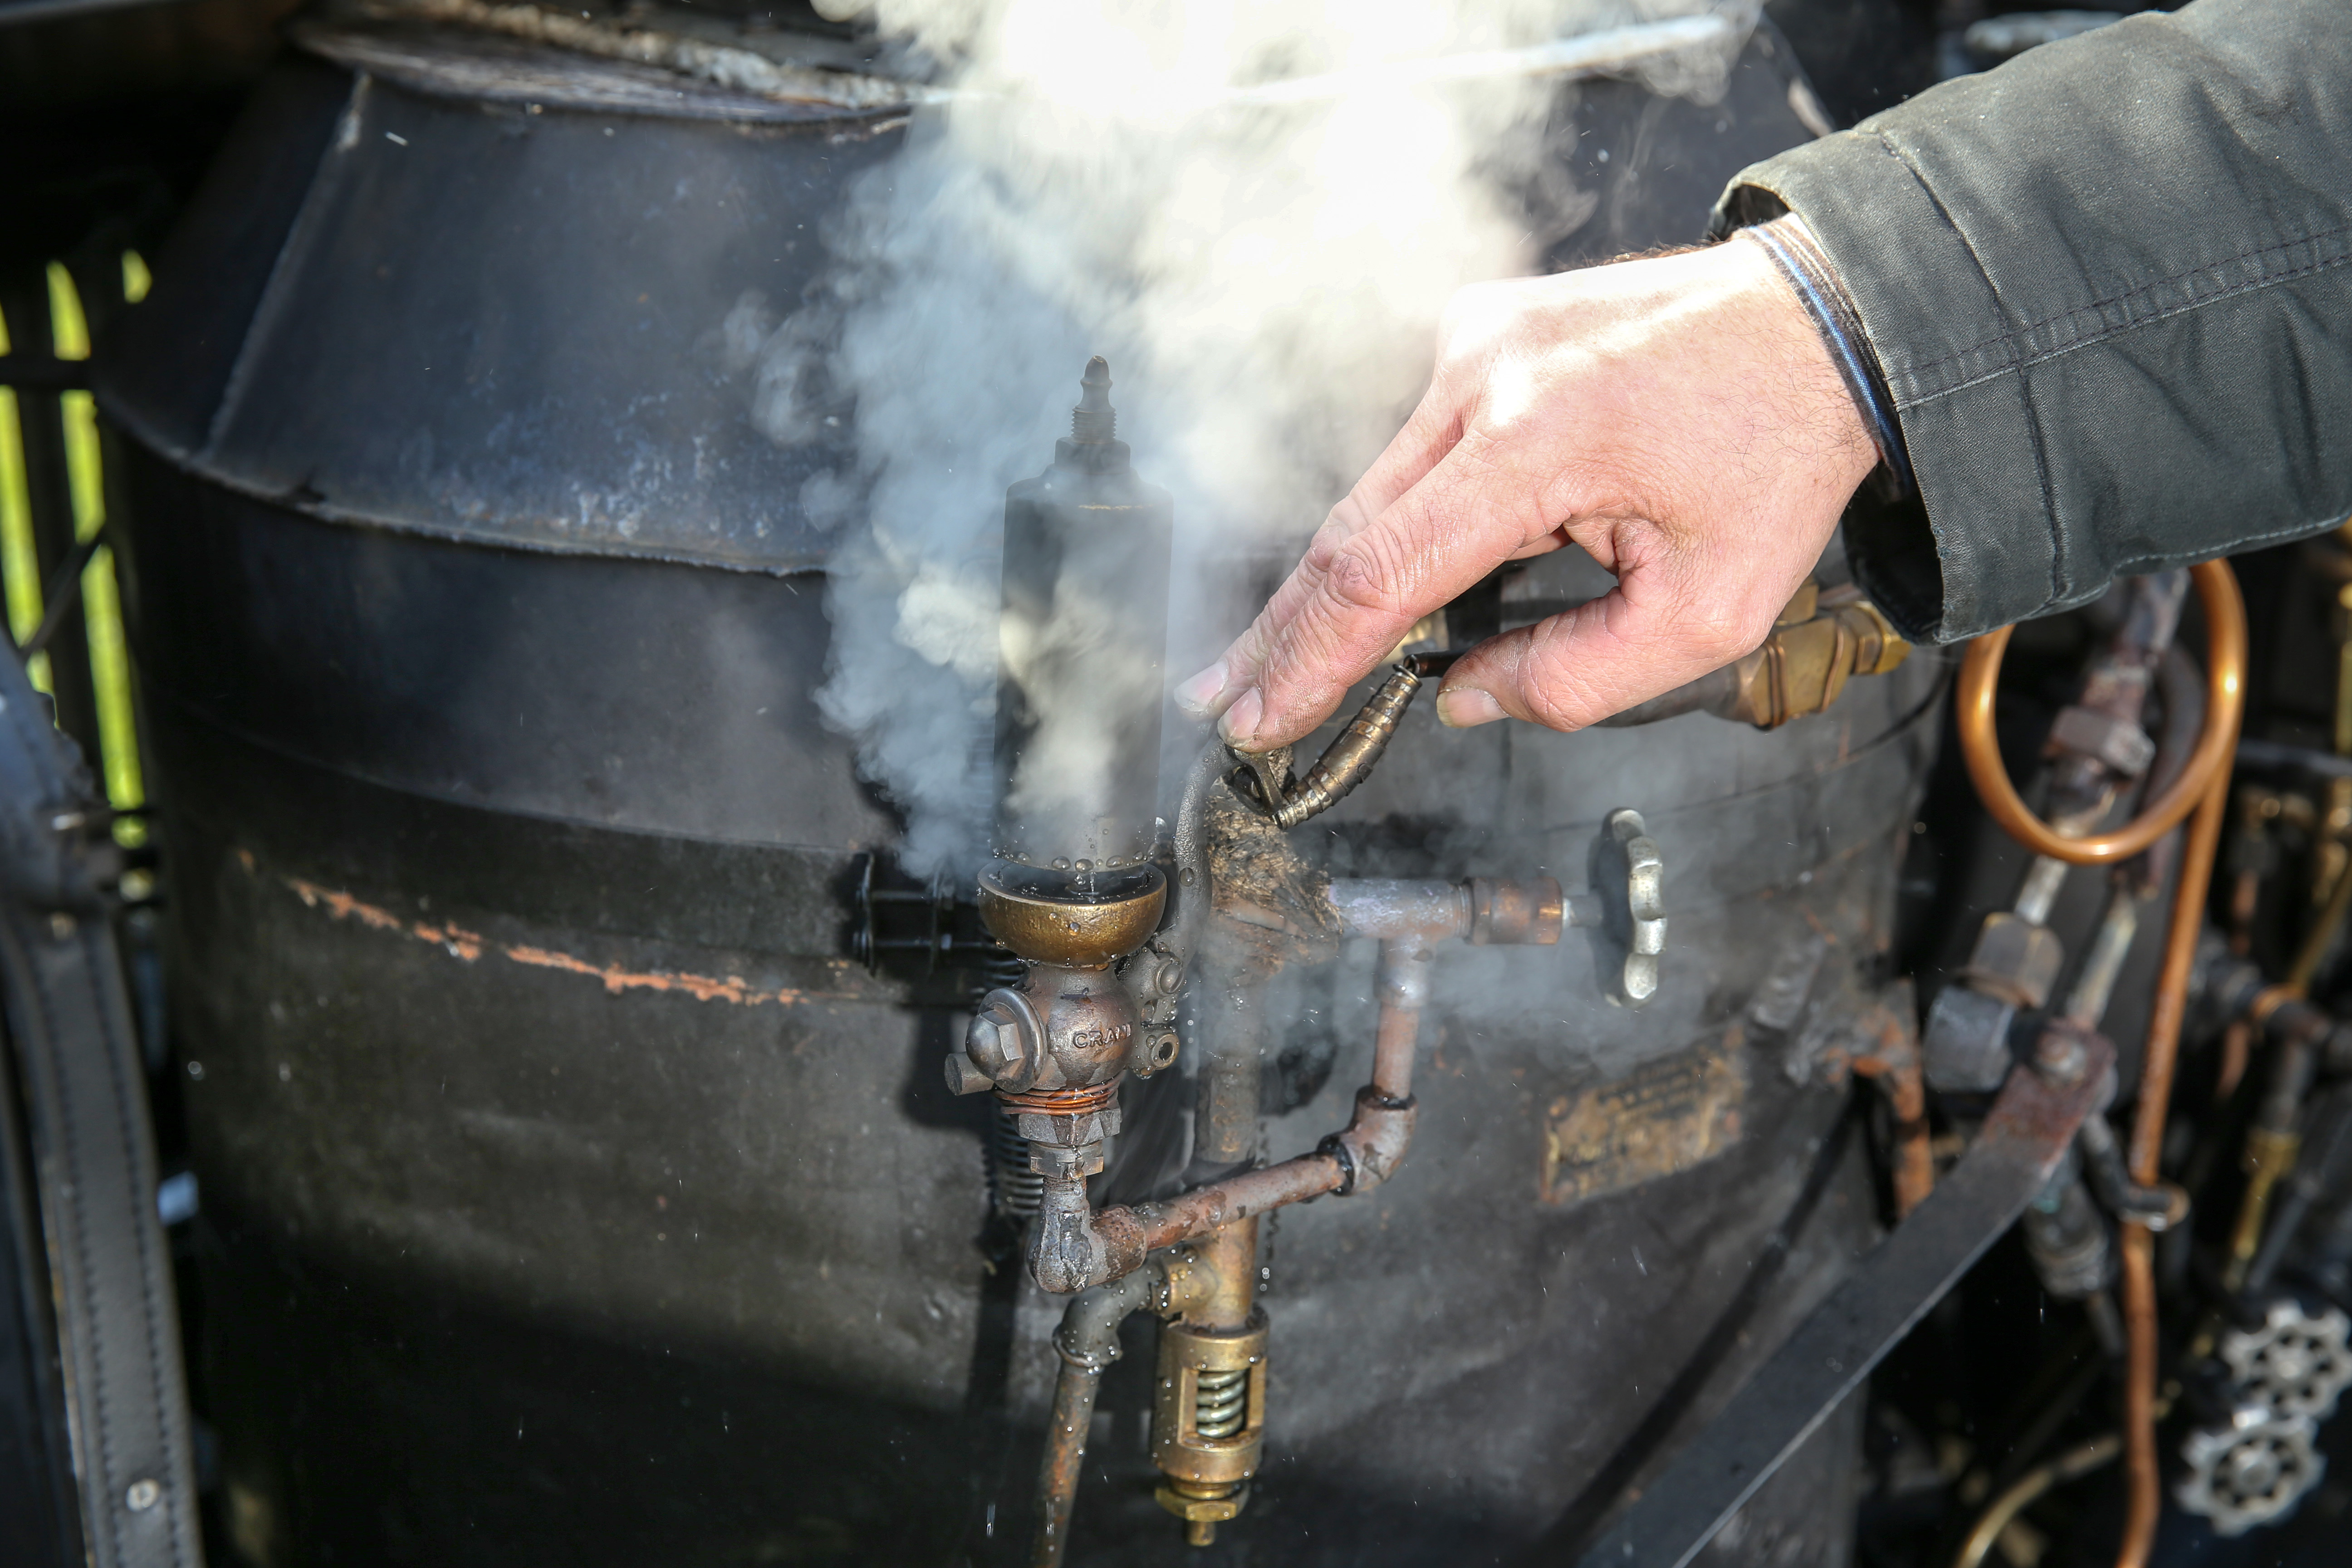 Dampf Ablassen Stanley Steamer 735d (1919) Kessel - Baker Boiler - Überdruckventil - Dampfauto - Steam Car - Oldtimer mieten in Fulda, Hessen und Deutschland